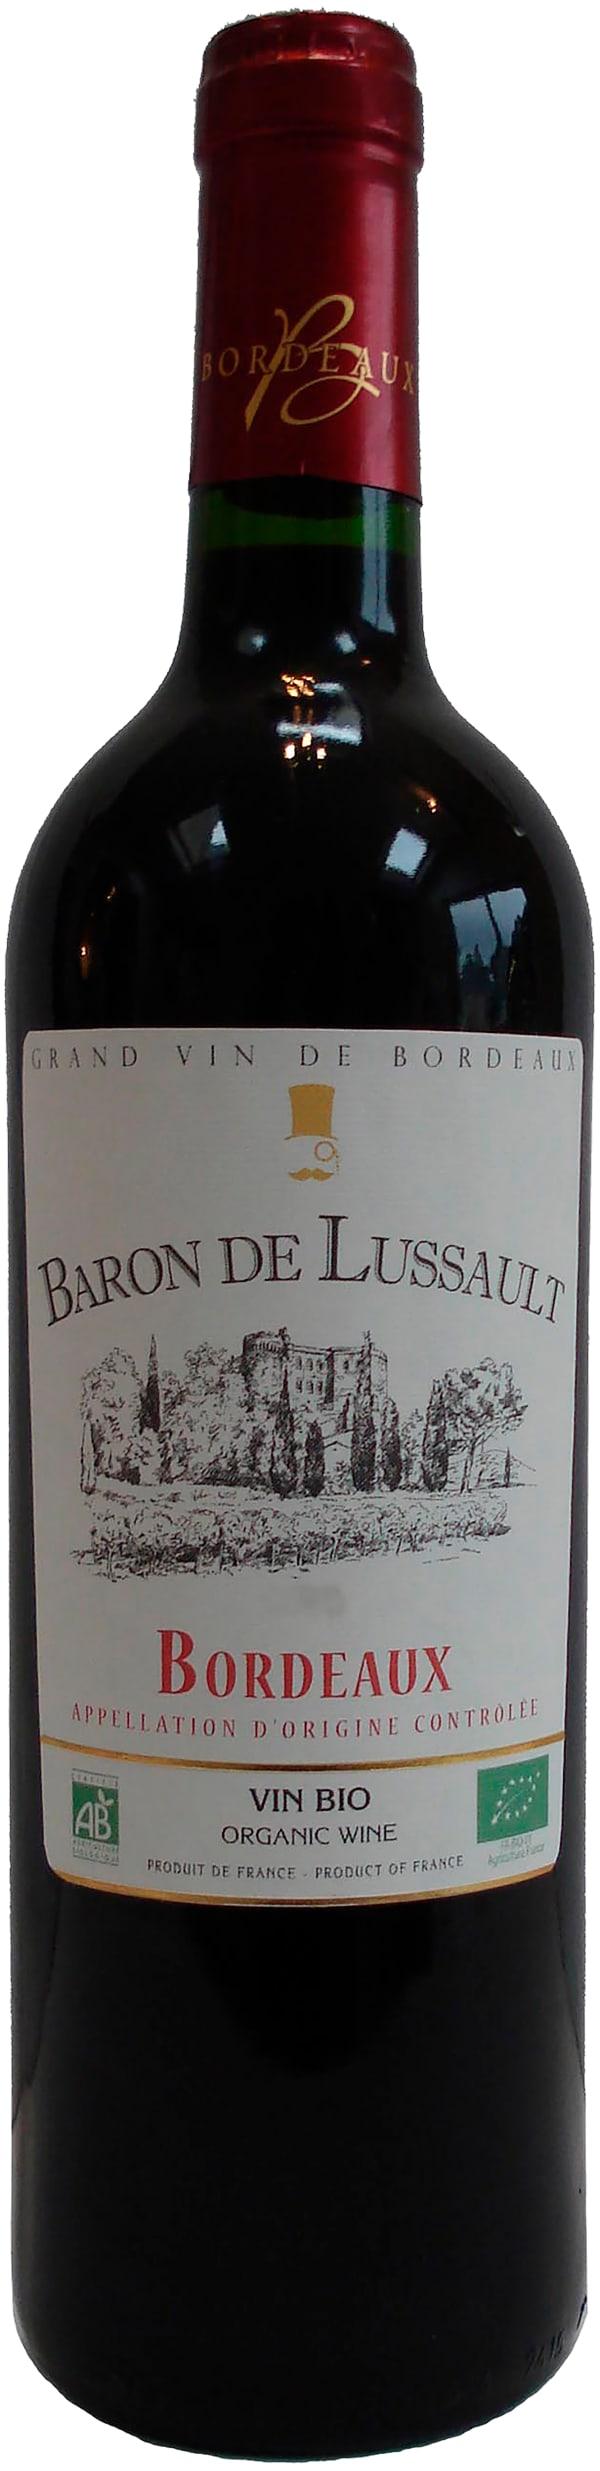 Baron de Lussault 2016